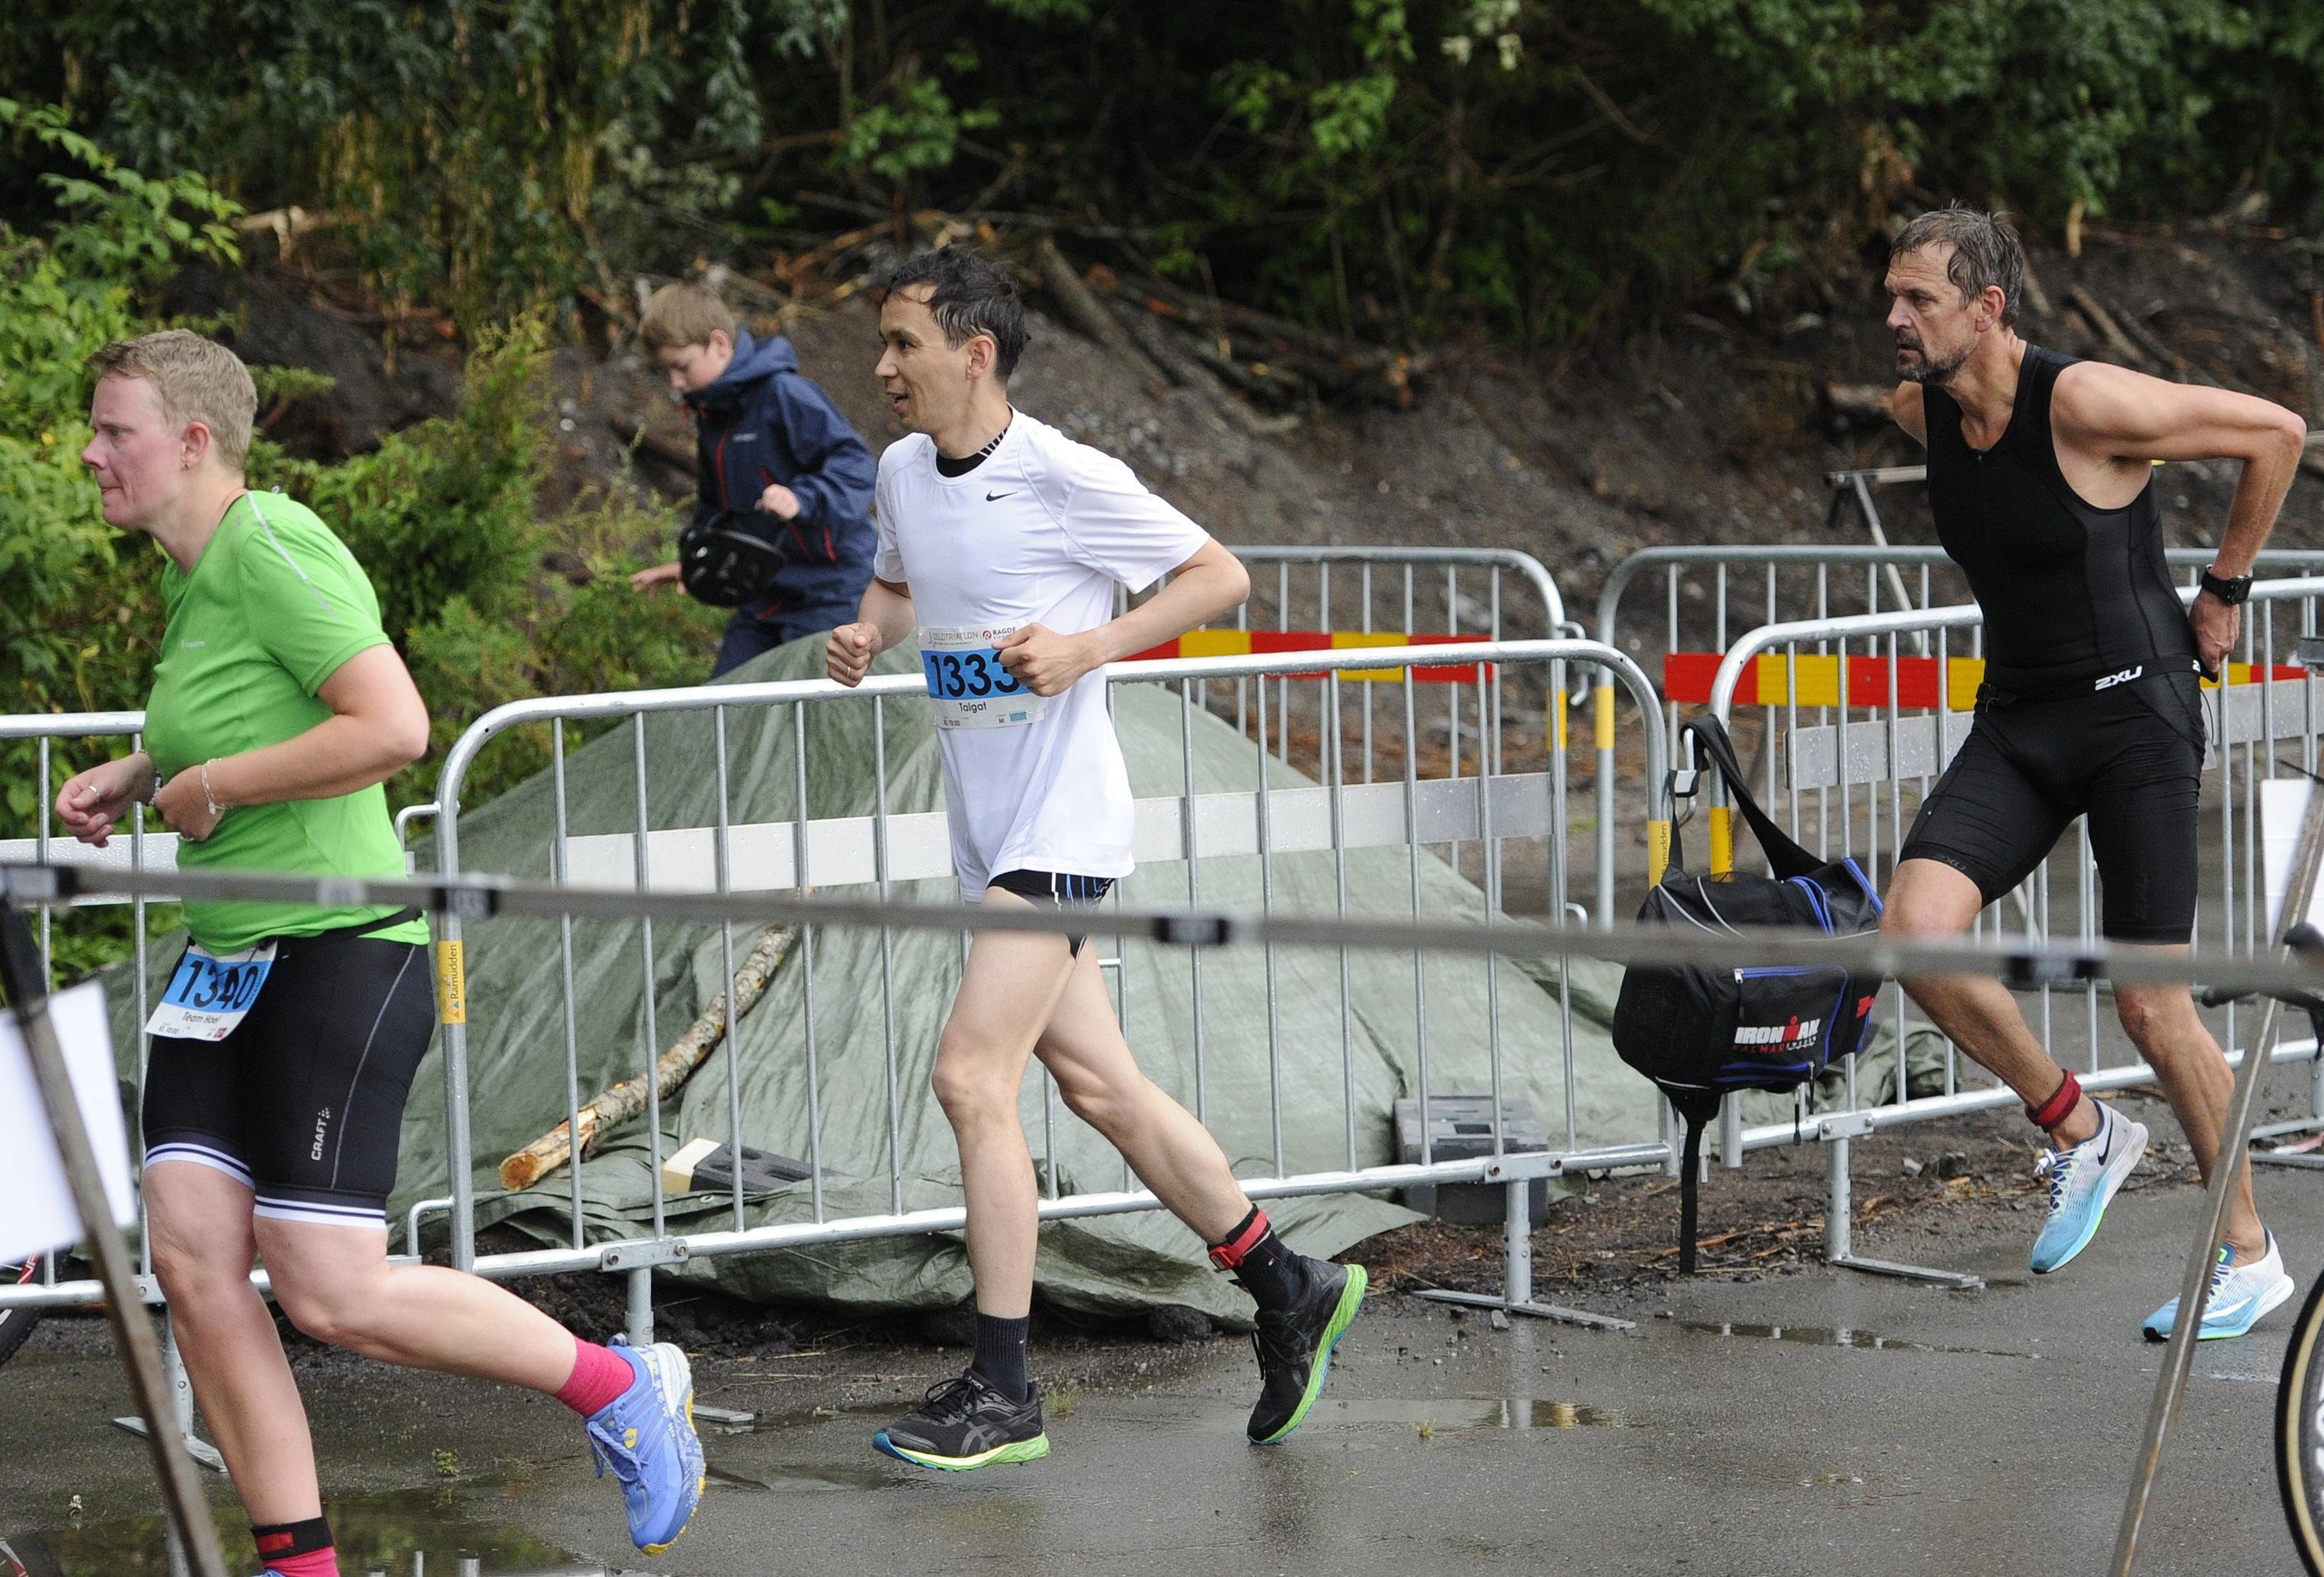 Қазақстандық дипломат «Oslo Triathlon» жарысына қатысты